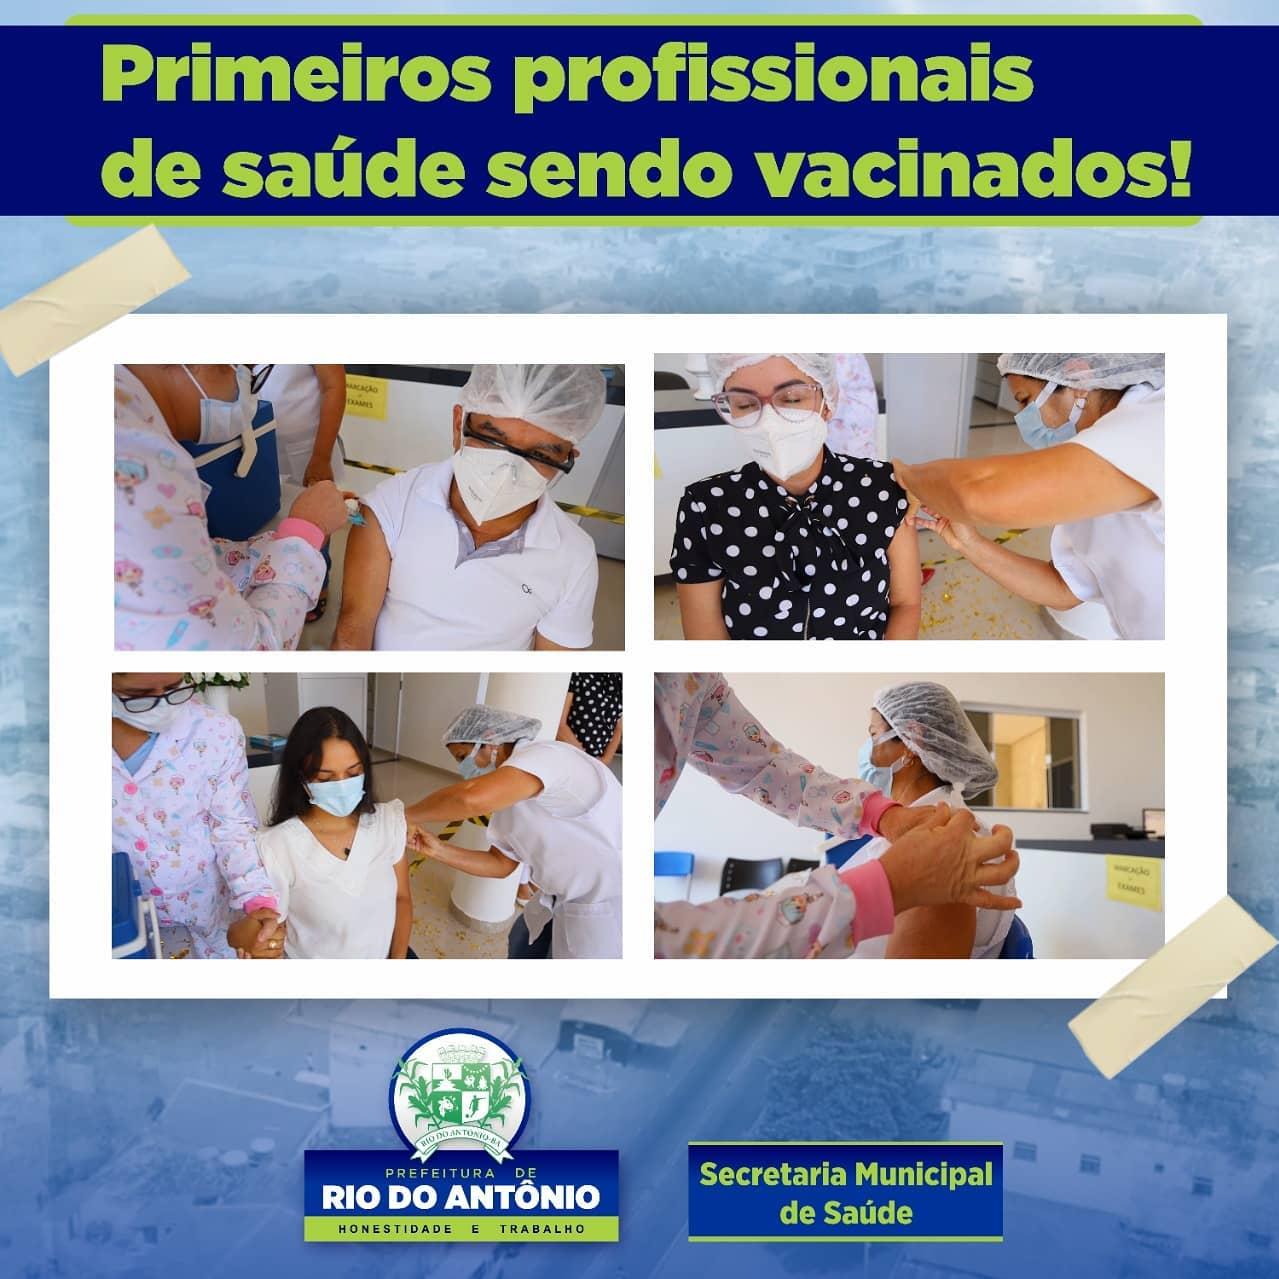 Rio do Antônio realiza primeira etapa da vacinação contra Covid-19